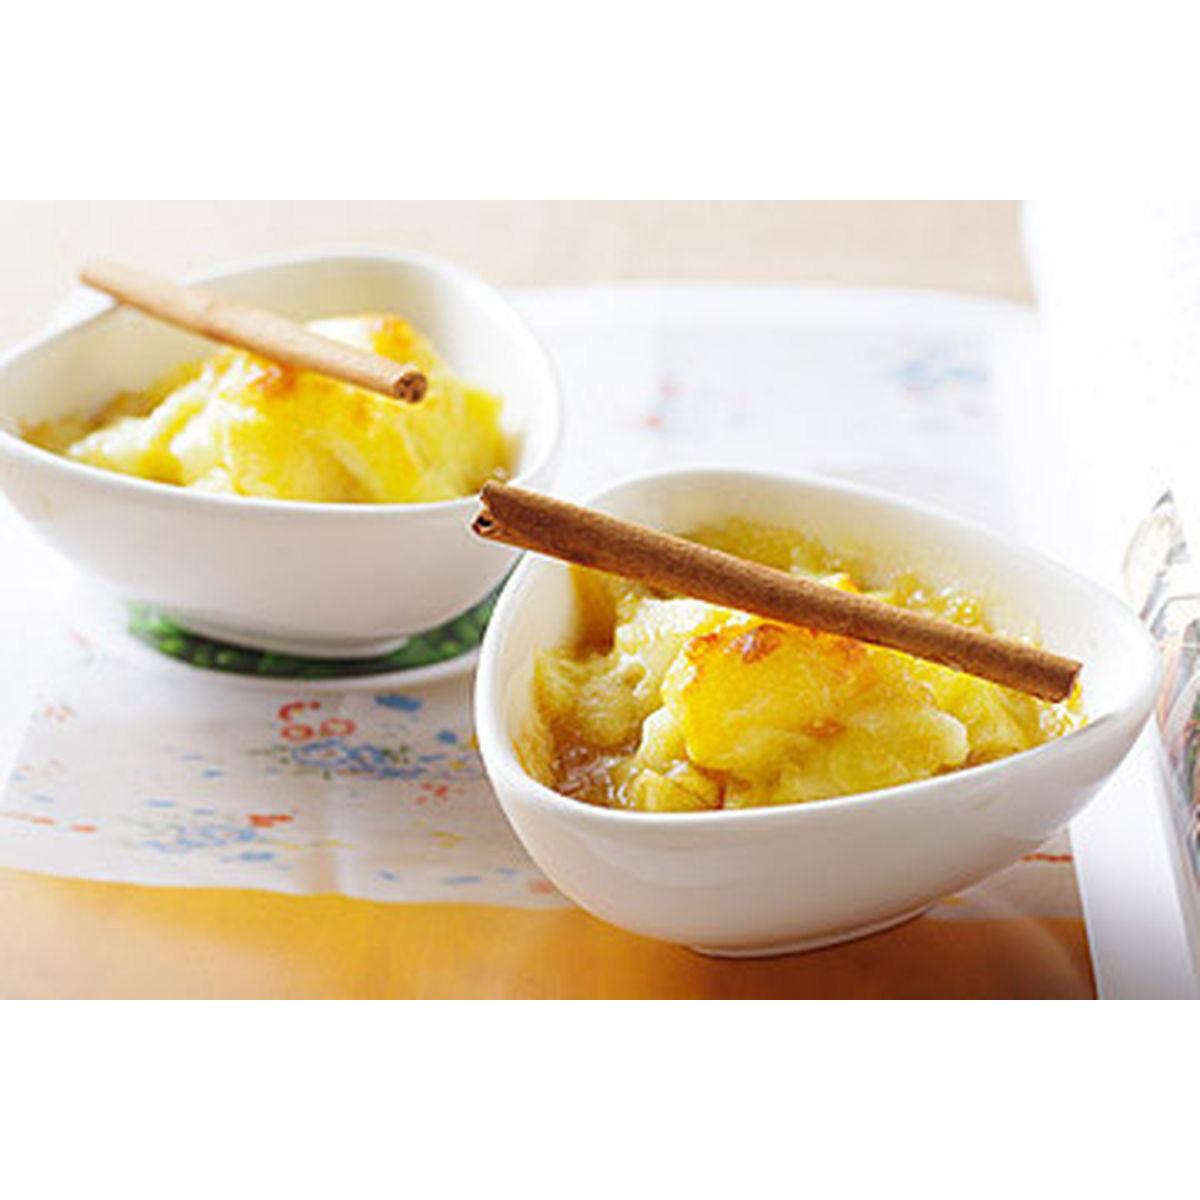 食譜:炒焦糖肉桂蘋果焗美奶滋